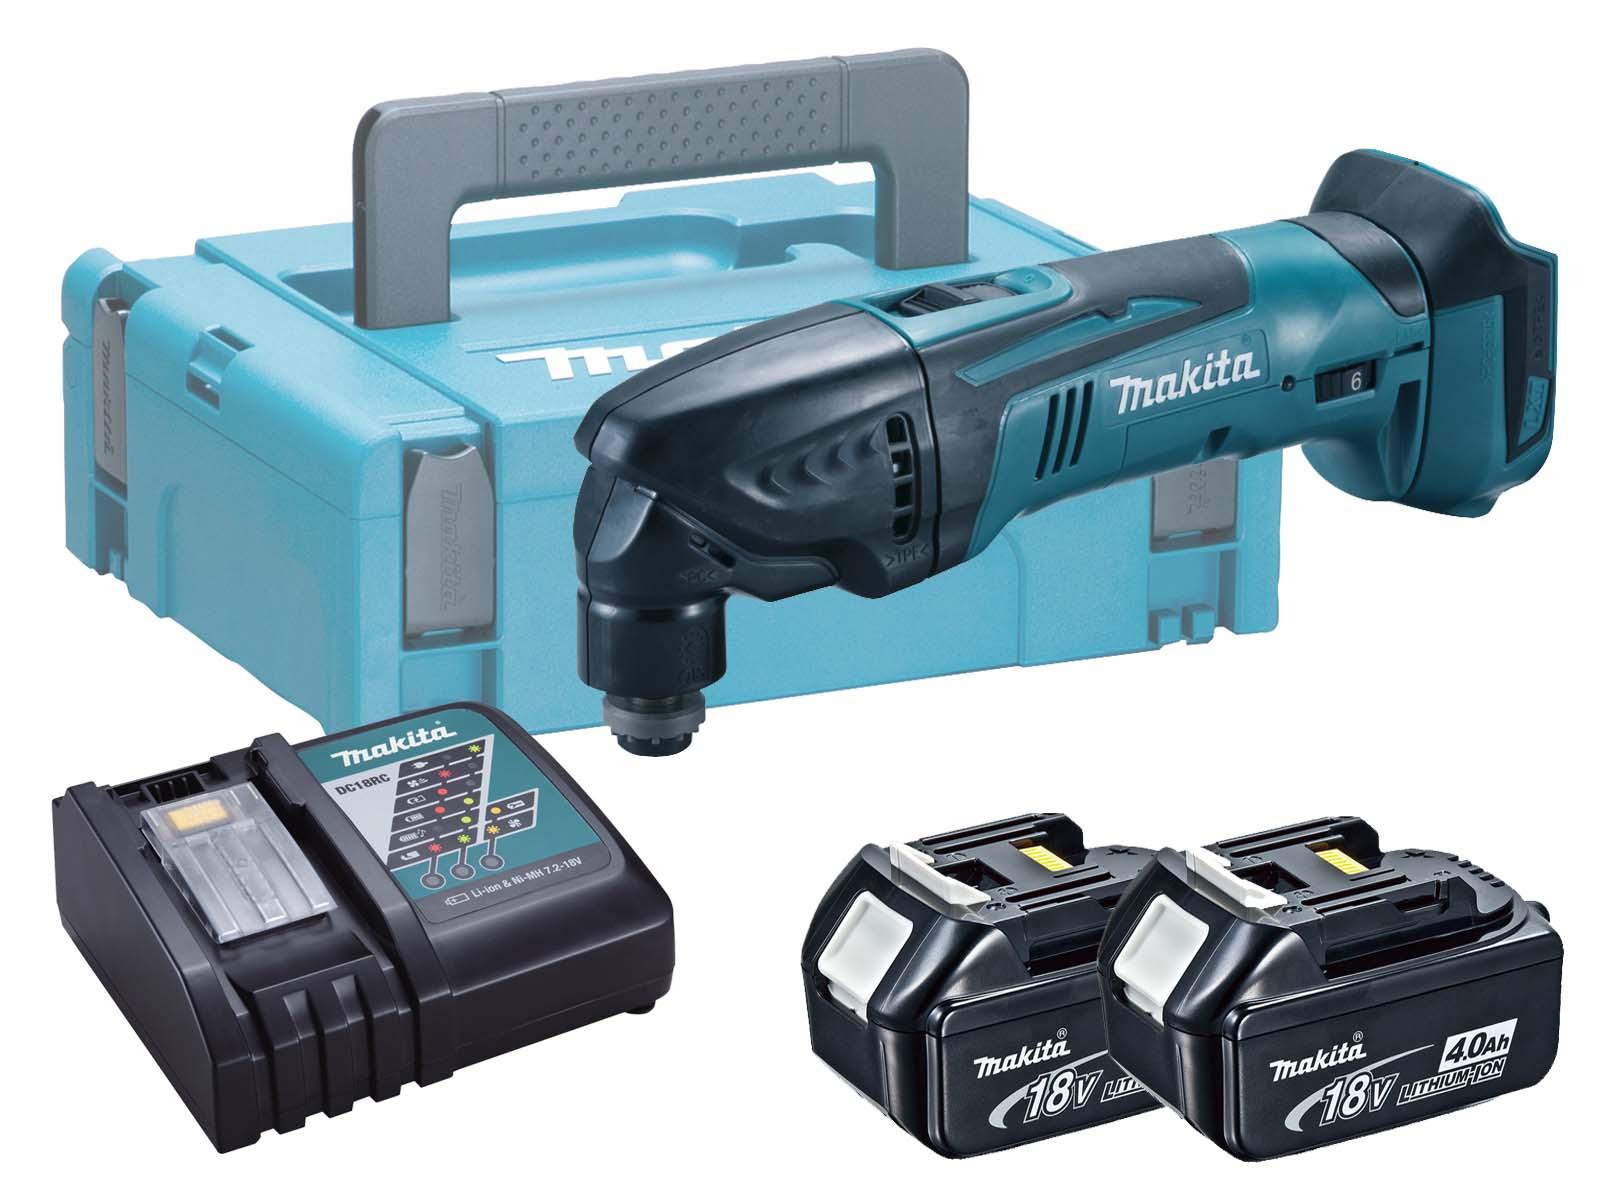 Makita 18V Brushed Multi Tool LXT - DTM50 - 4.0Ah Pack